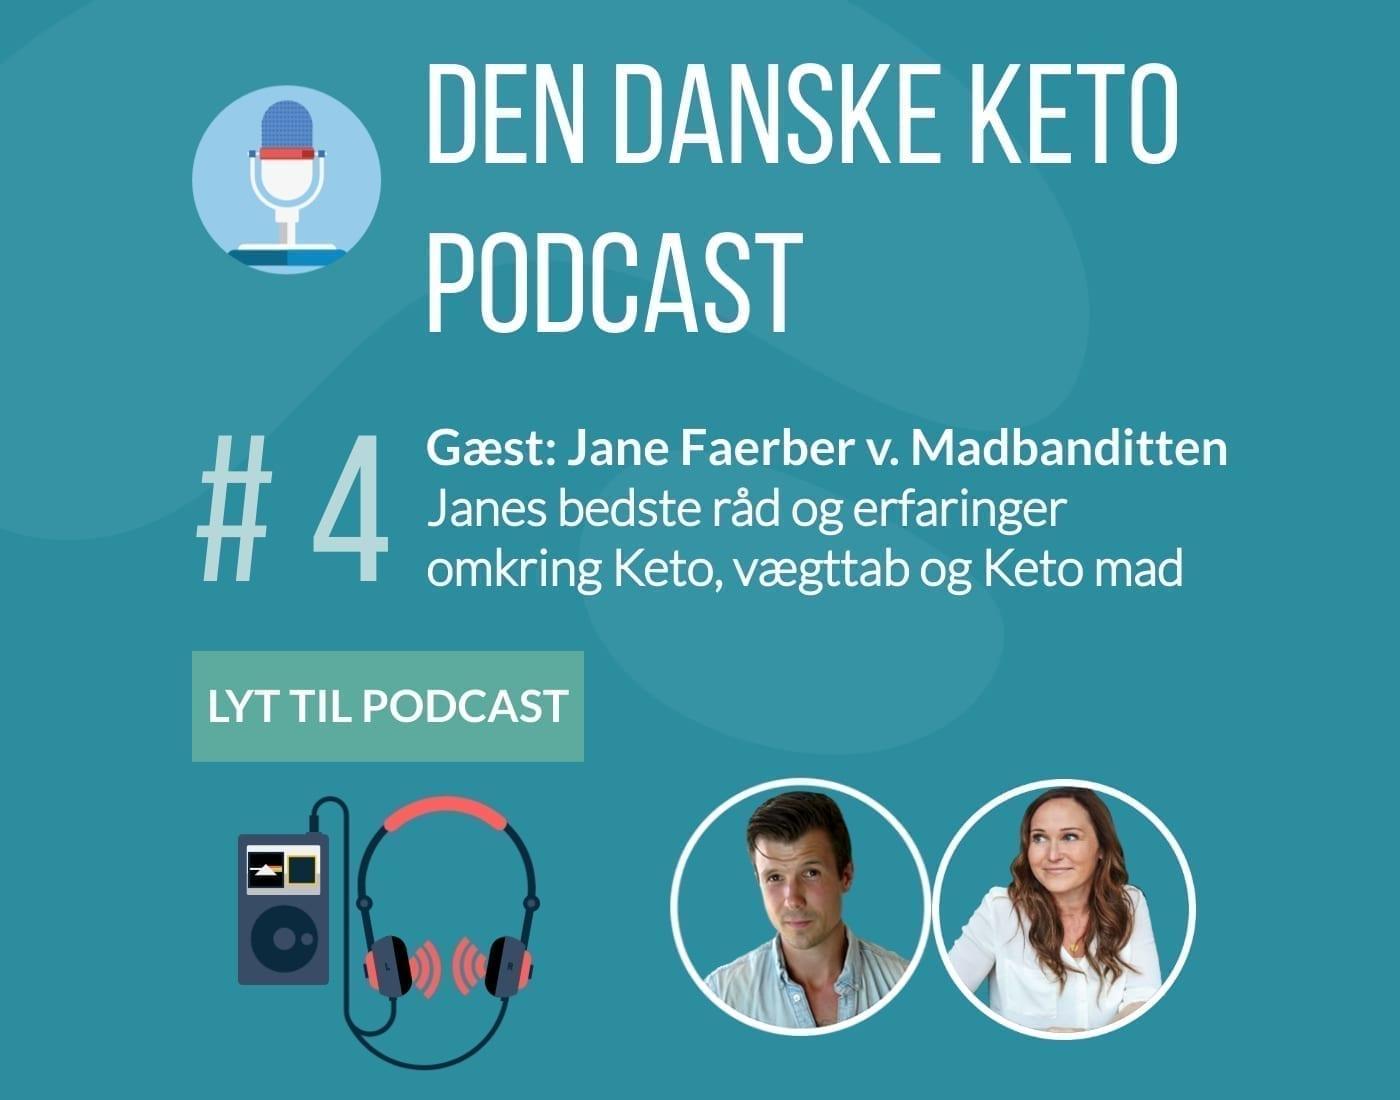 #4: Gæst Jane Faerber: Keto vægttab, praktiske råd og vejledning